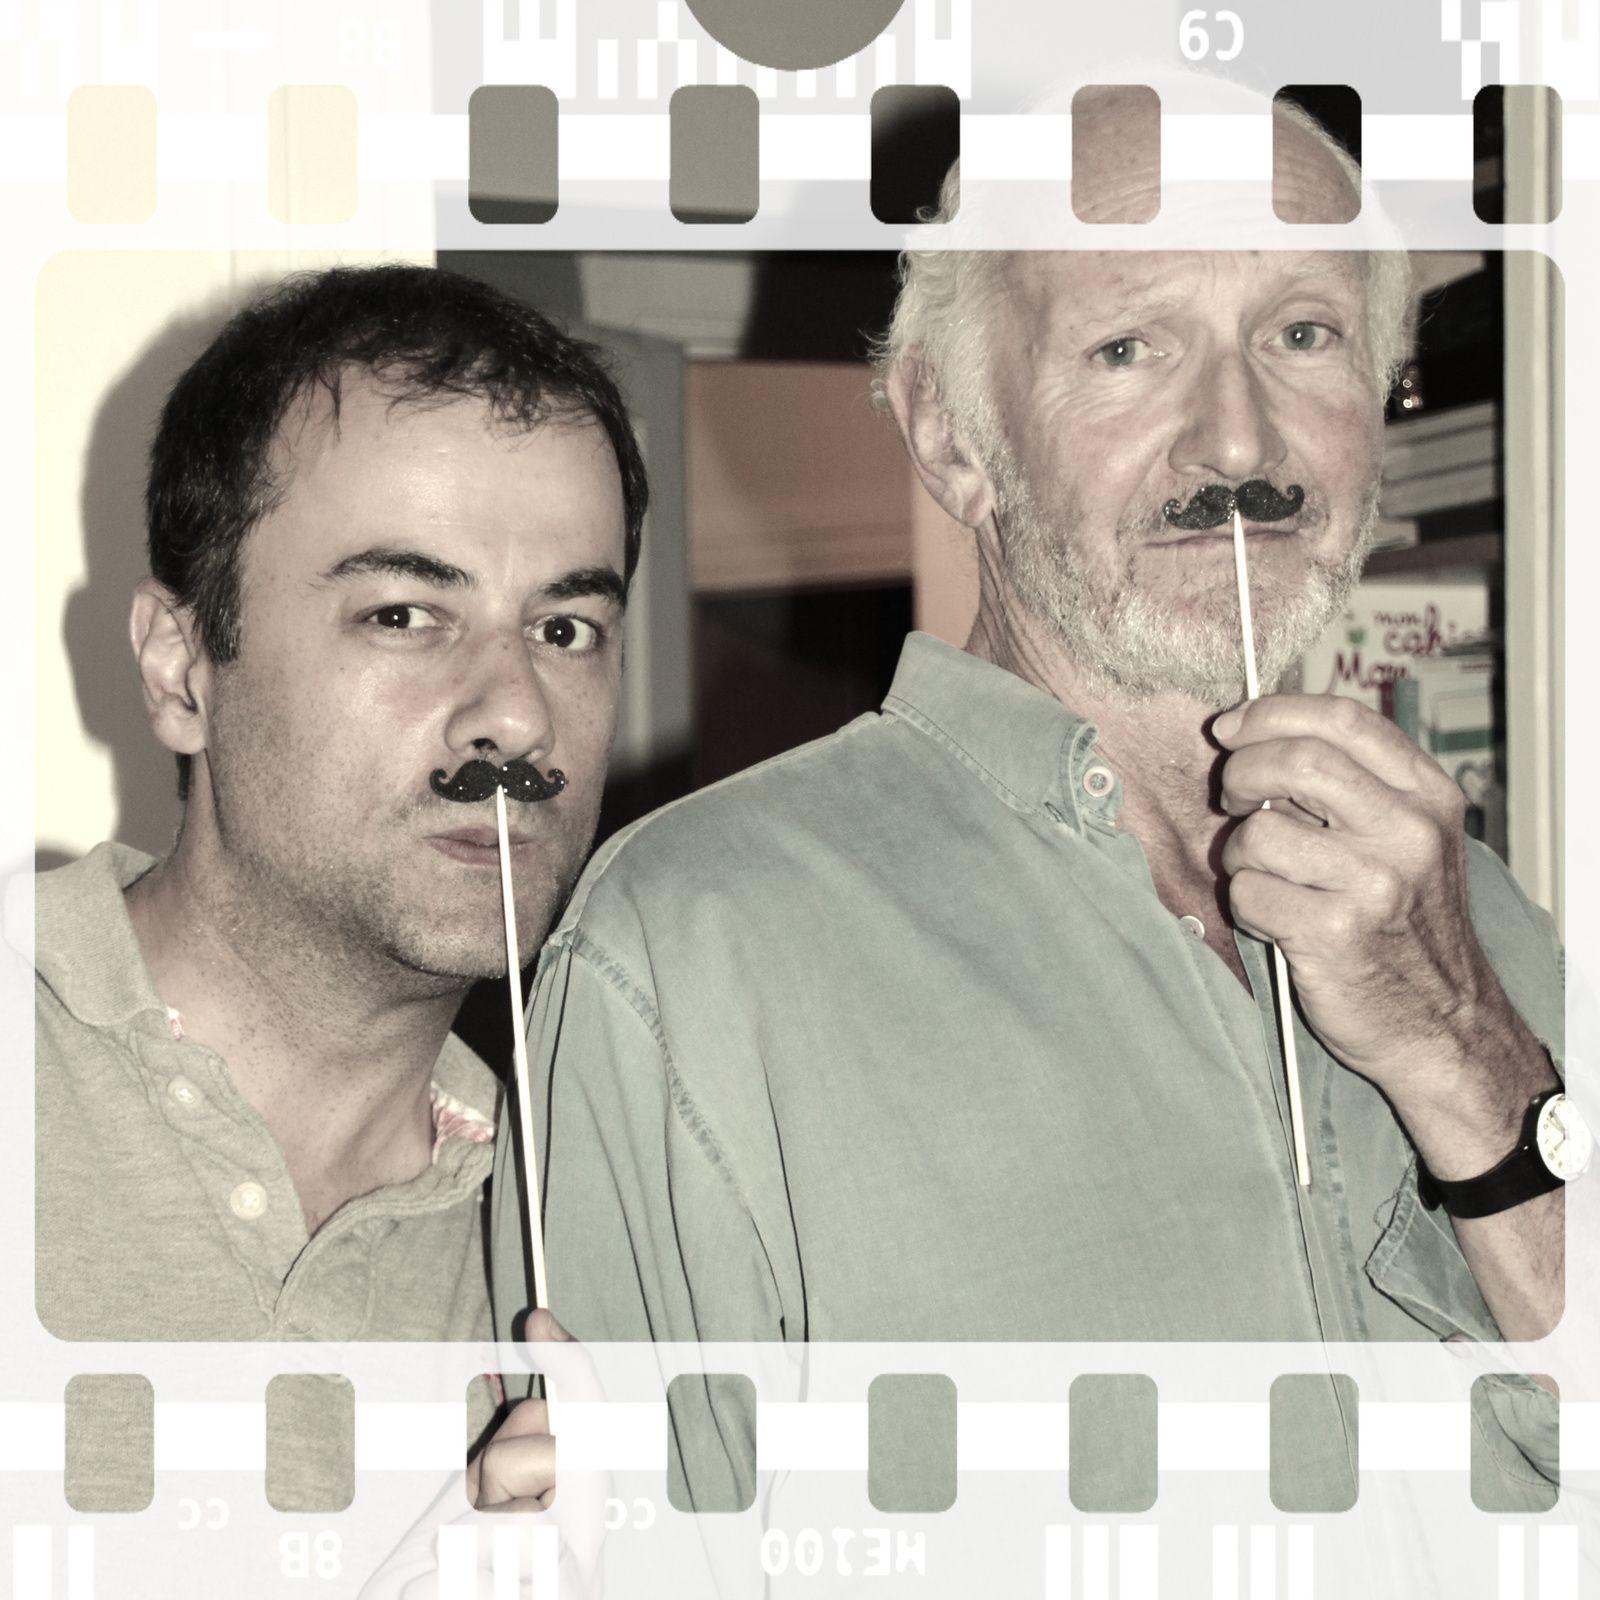 Certains portent très bien la moustache...un côté Charlie Chaplin très rigolo...^^